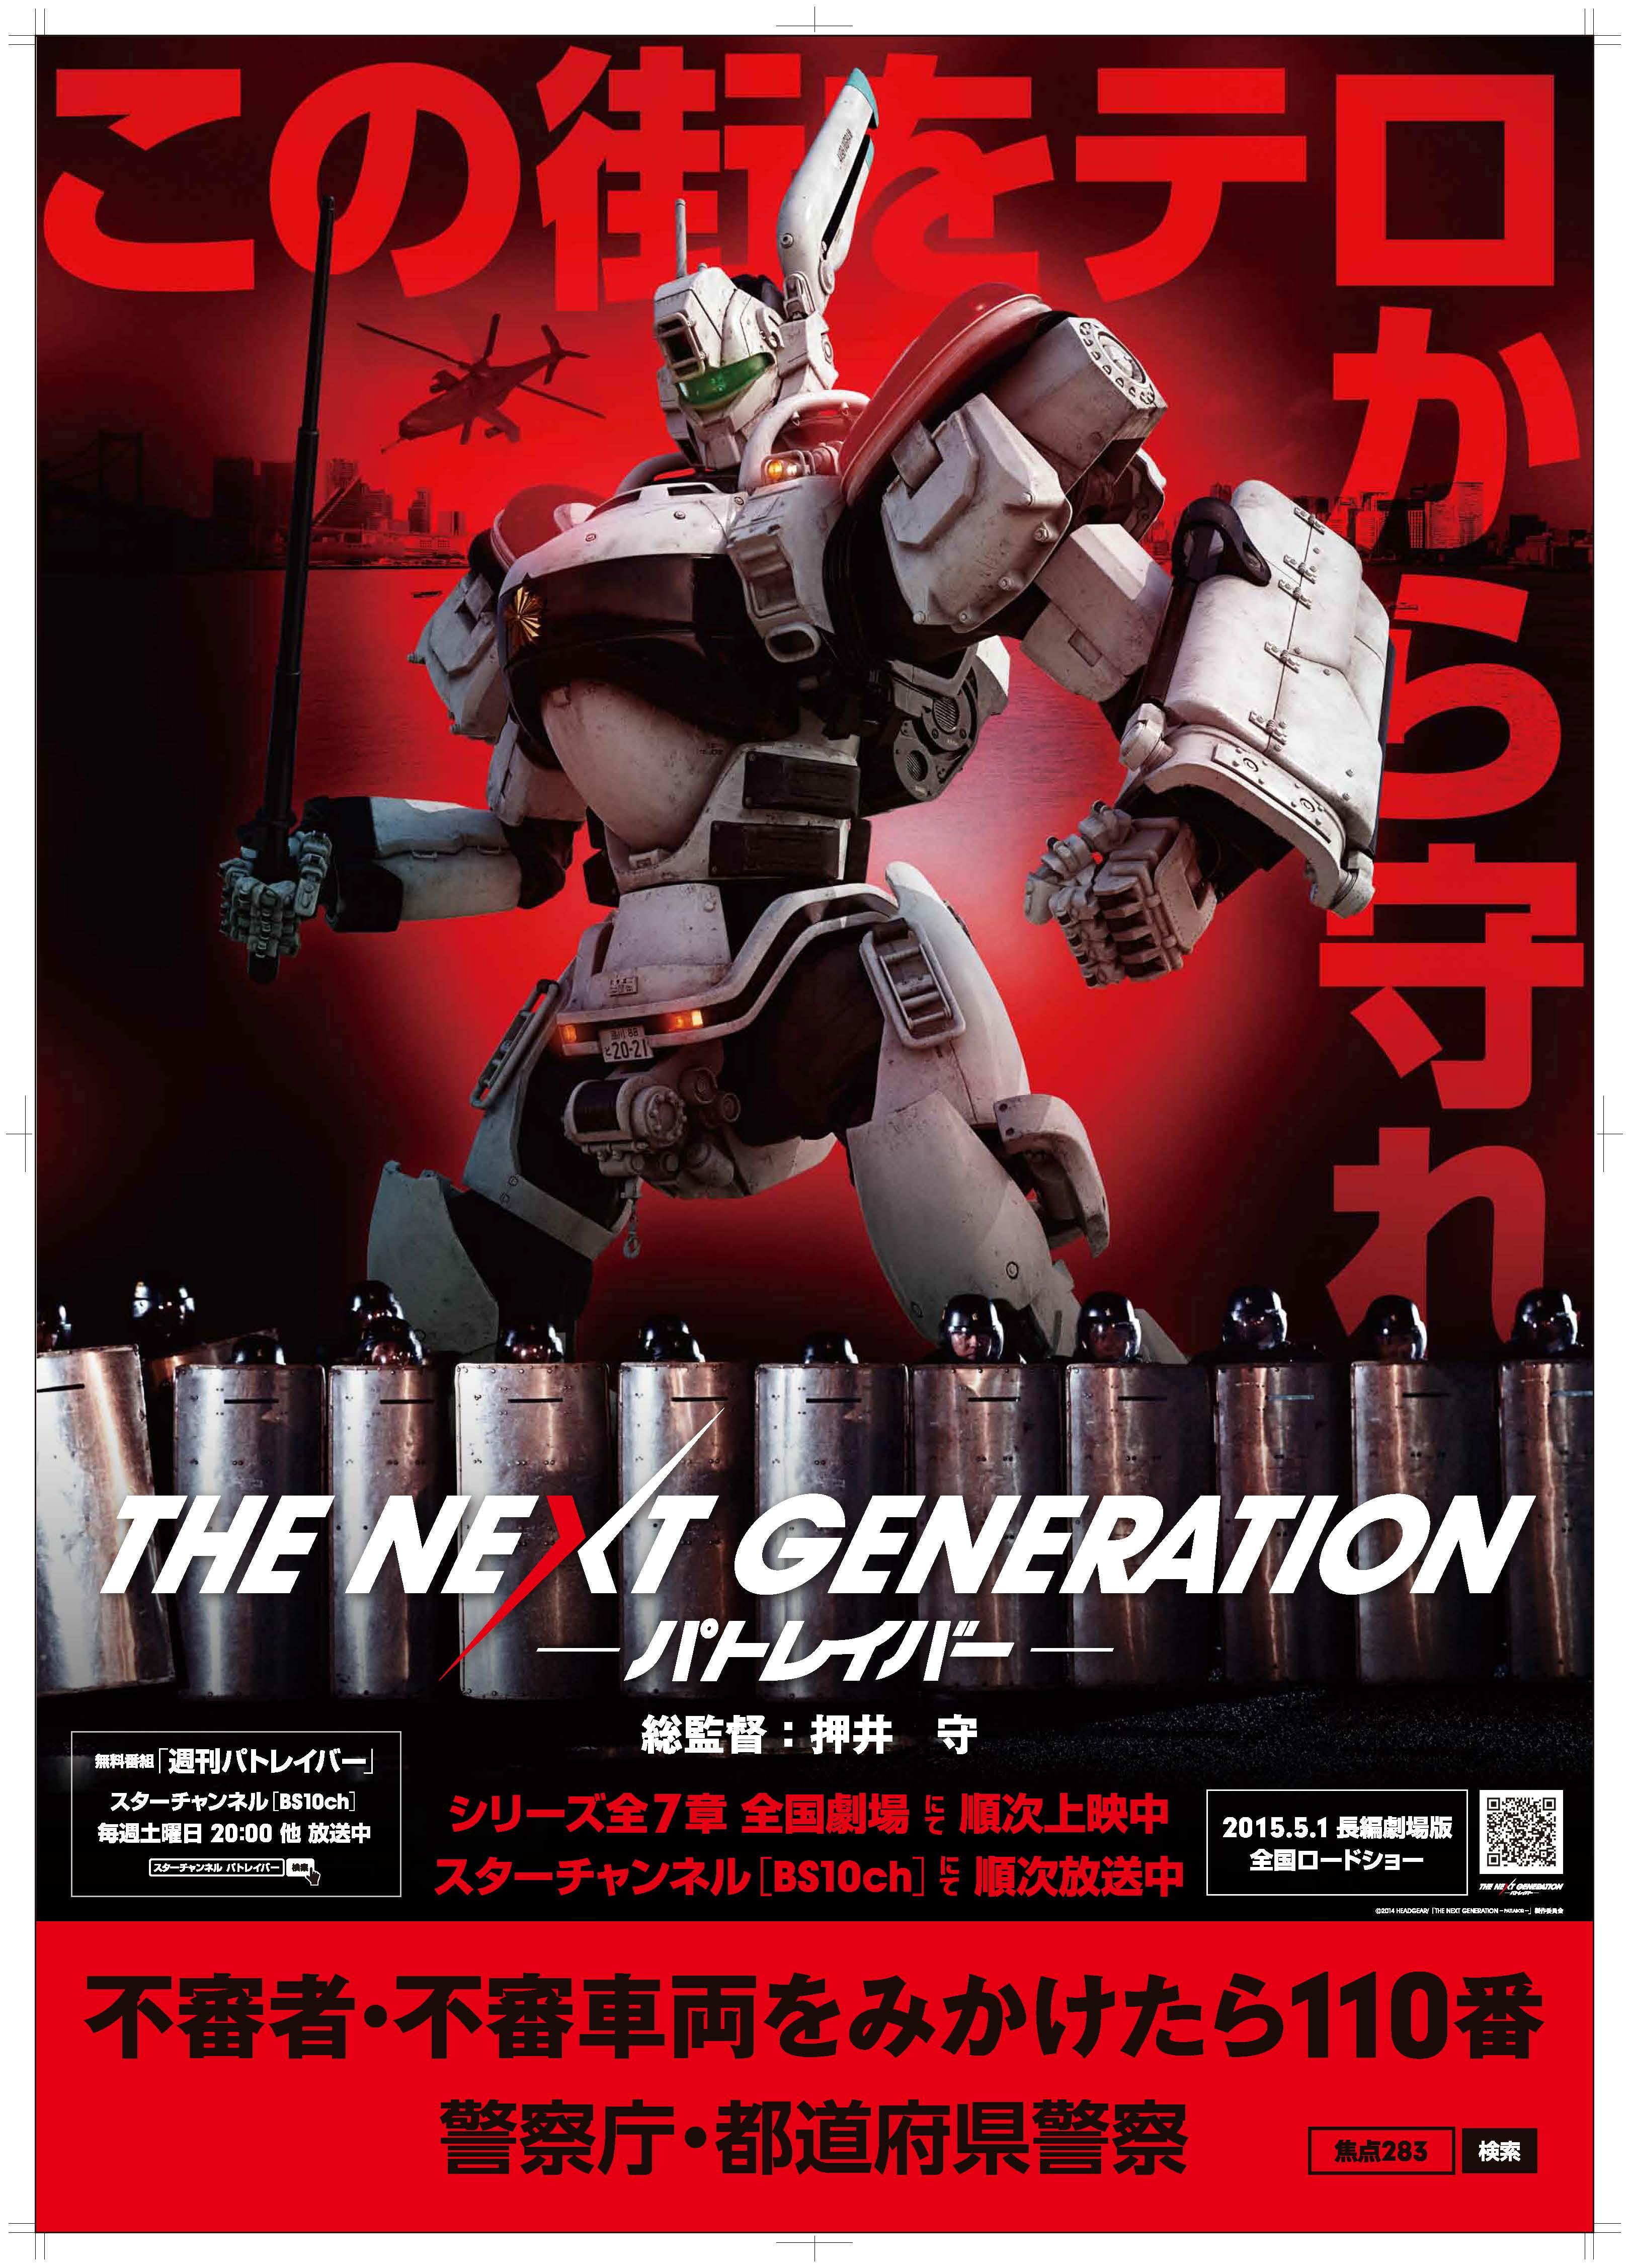 """『THE NEXT GENERATION パトレイバー』×警察庁 コラボレーション第7弾 """"この街をテロから守れ""""ポスターを全国展開!"""